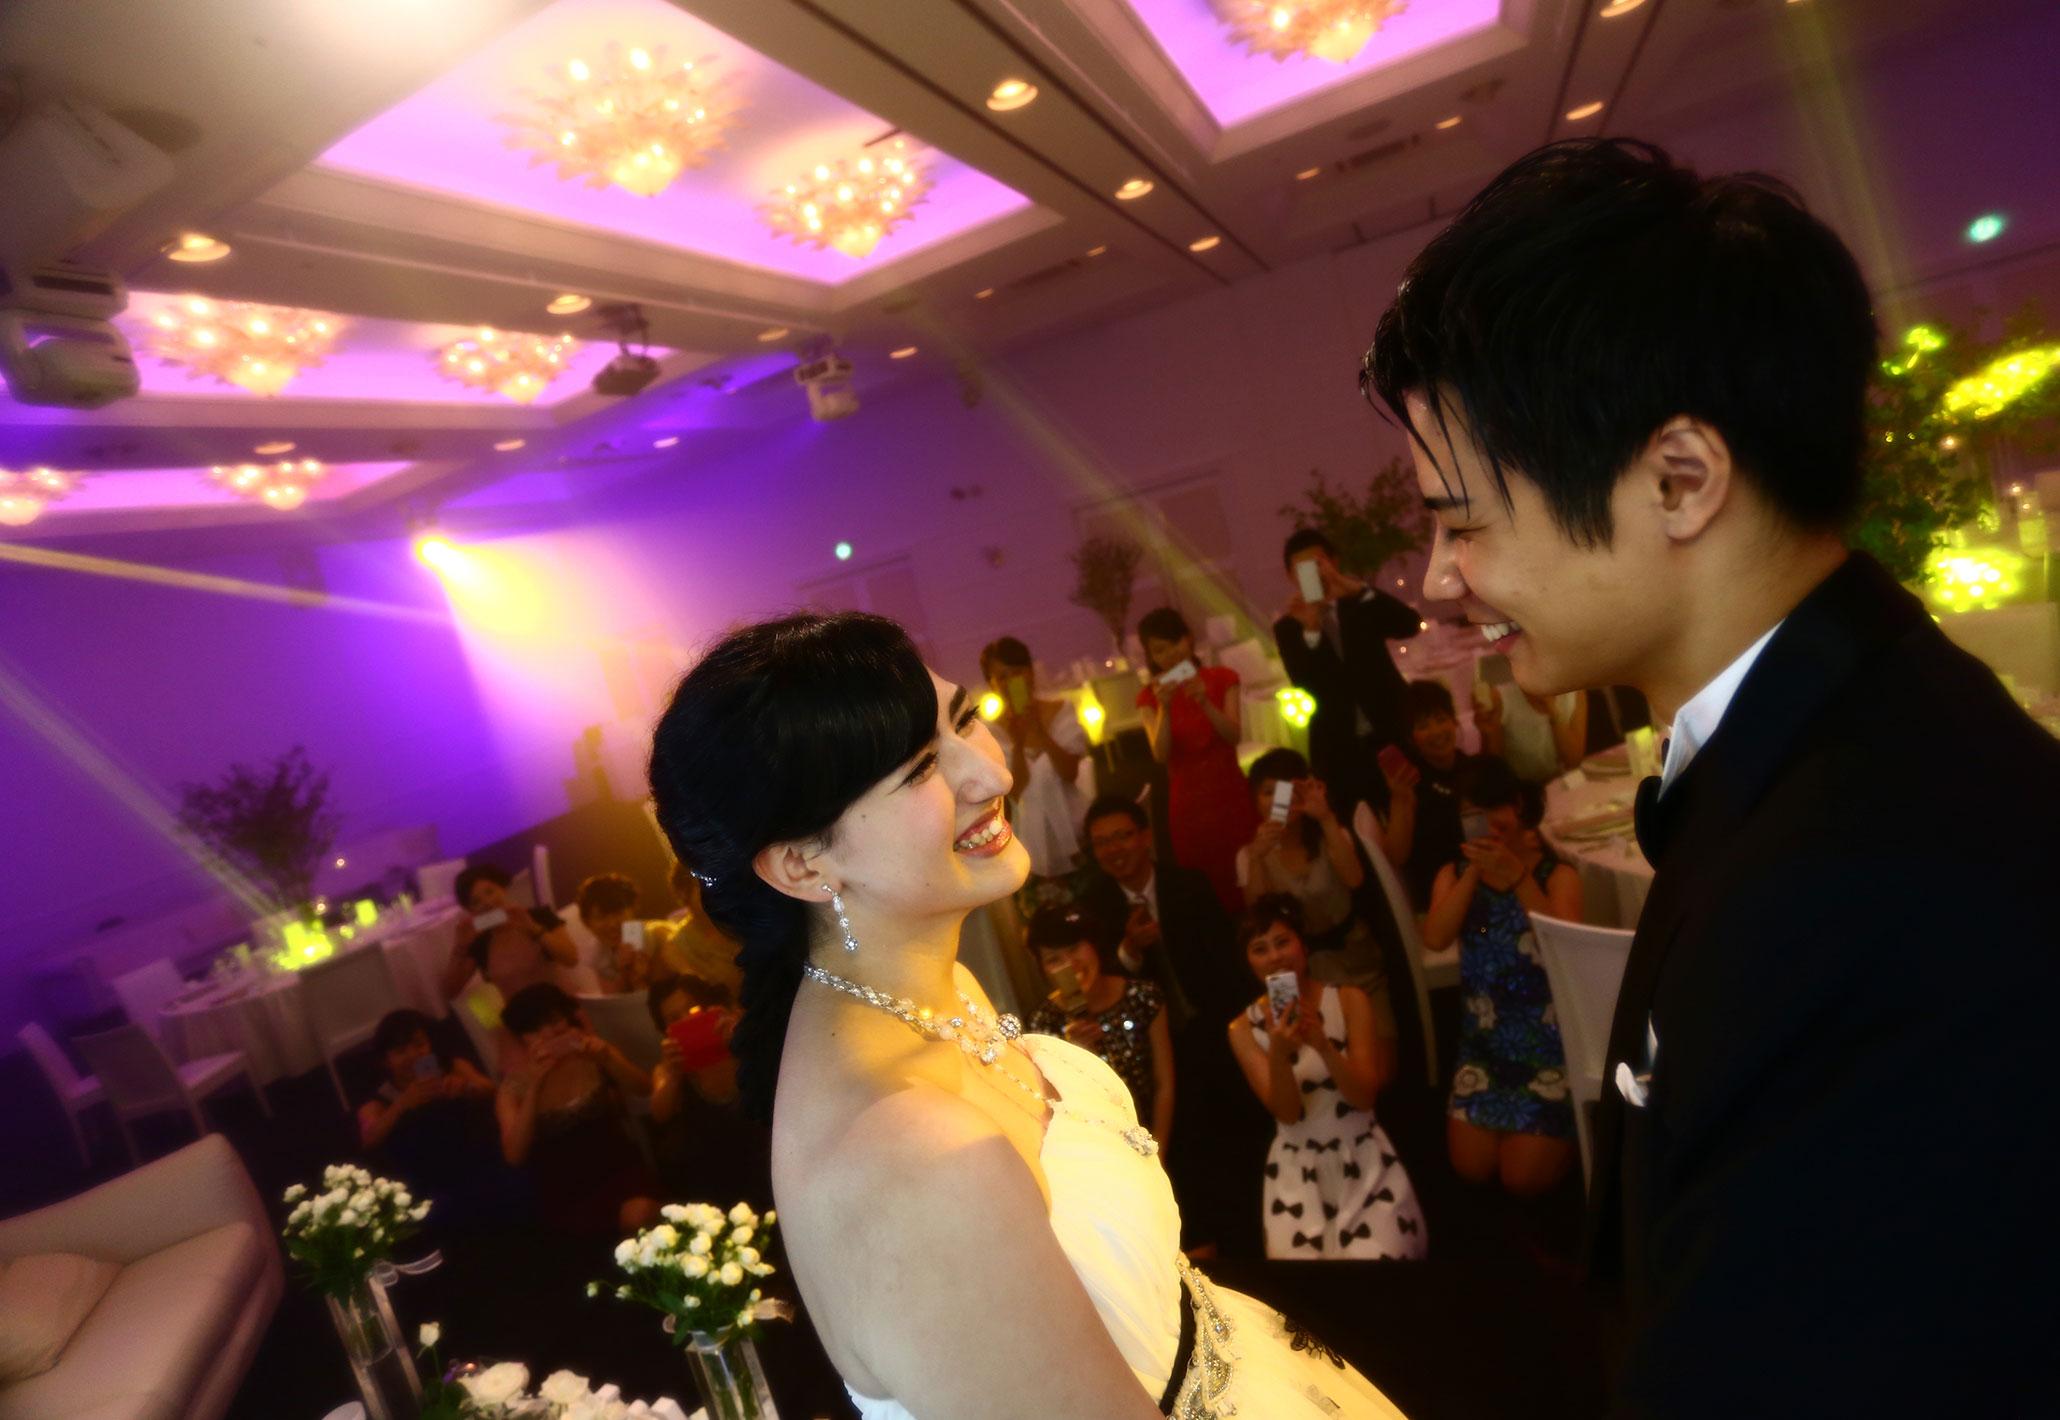 ゲストに囲まれ最高の一日を|愛媛県松山市の結婚式場ベルフォーレ松山